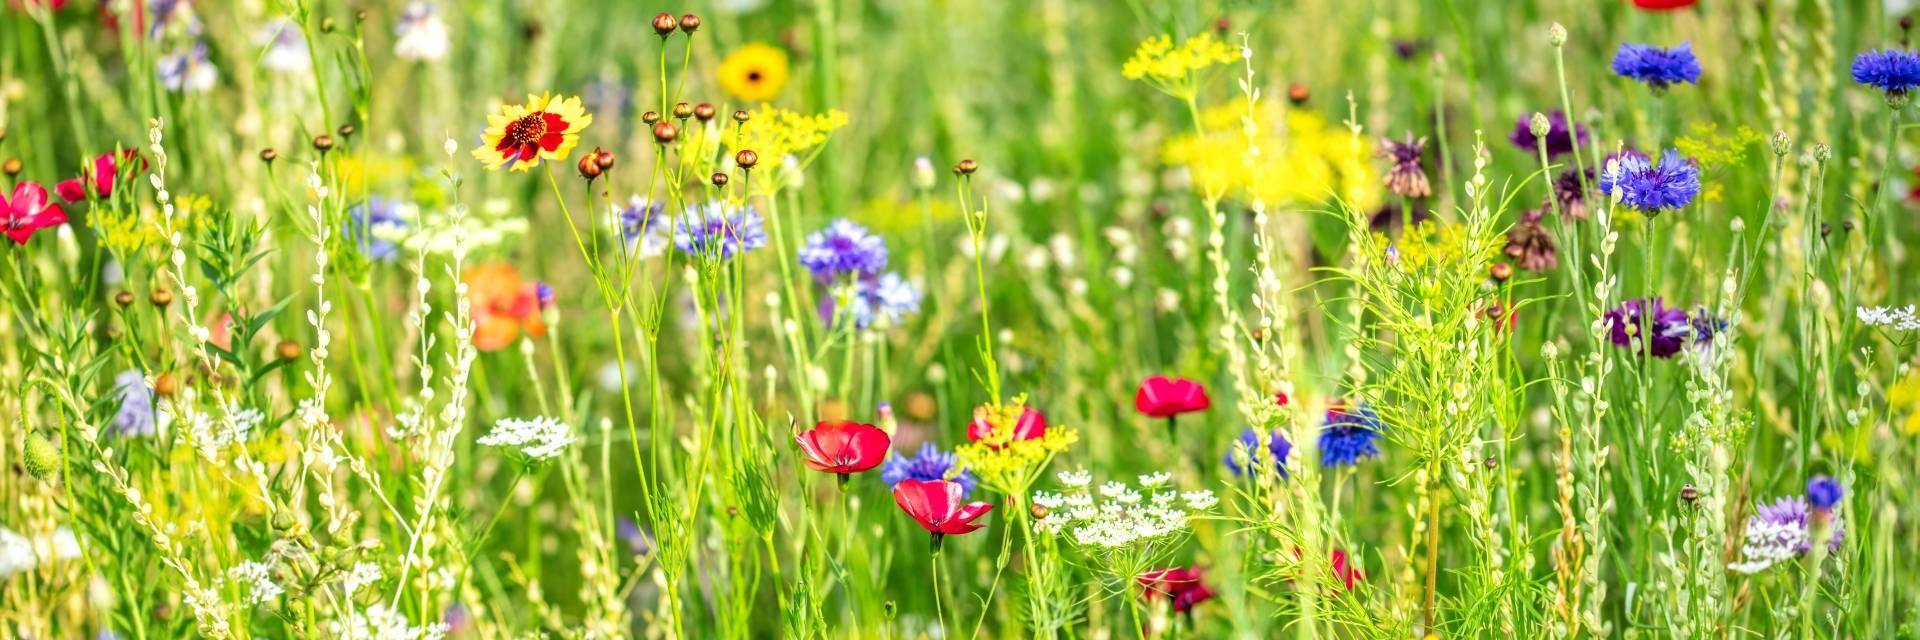 Łąka pełna polnych kwiatów. Naturalne środowisko owadów.